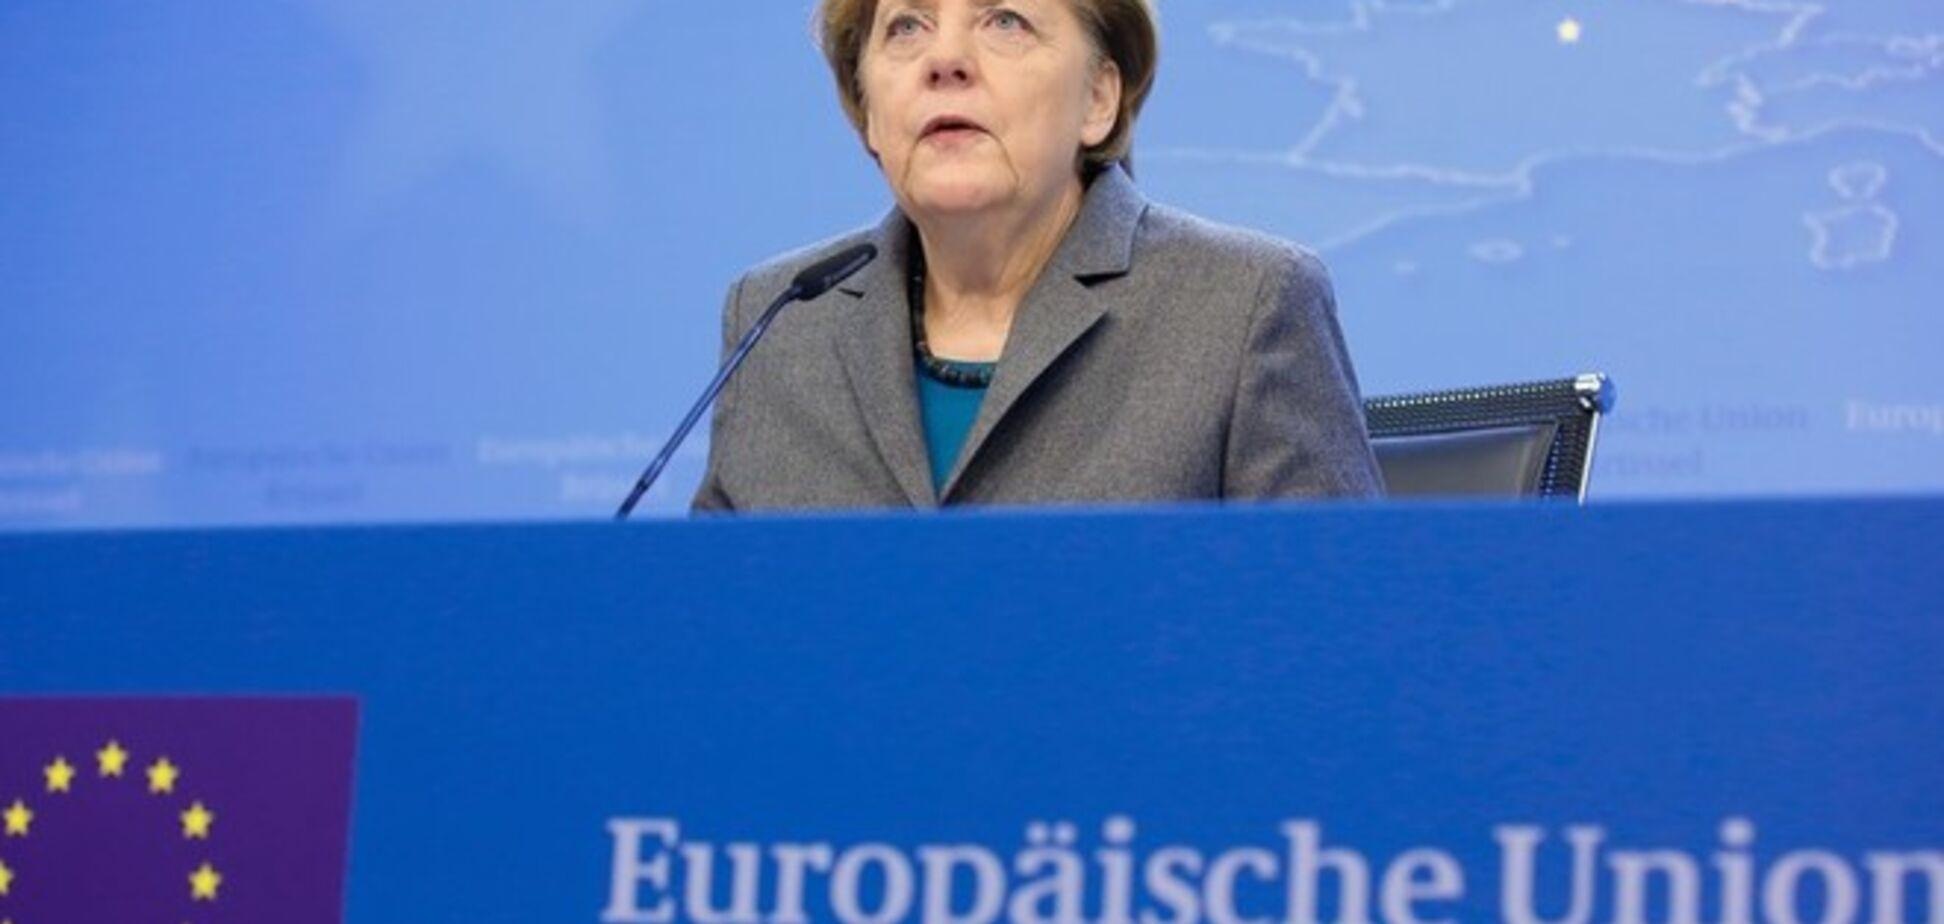 ЕС не откажется от принятых против России санкций, 16 февраля они начнут действовать - Меркель